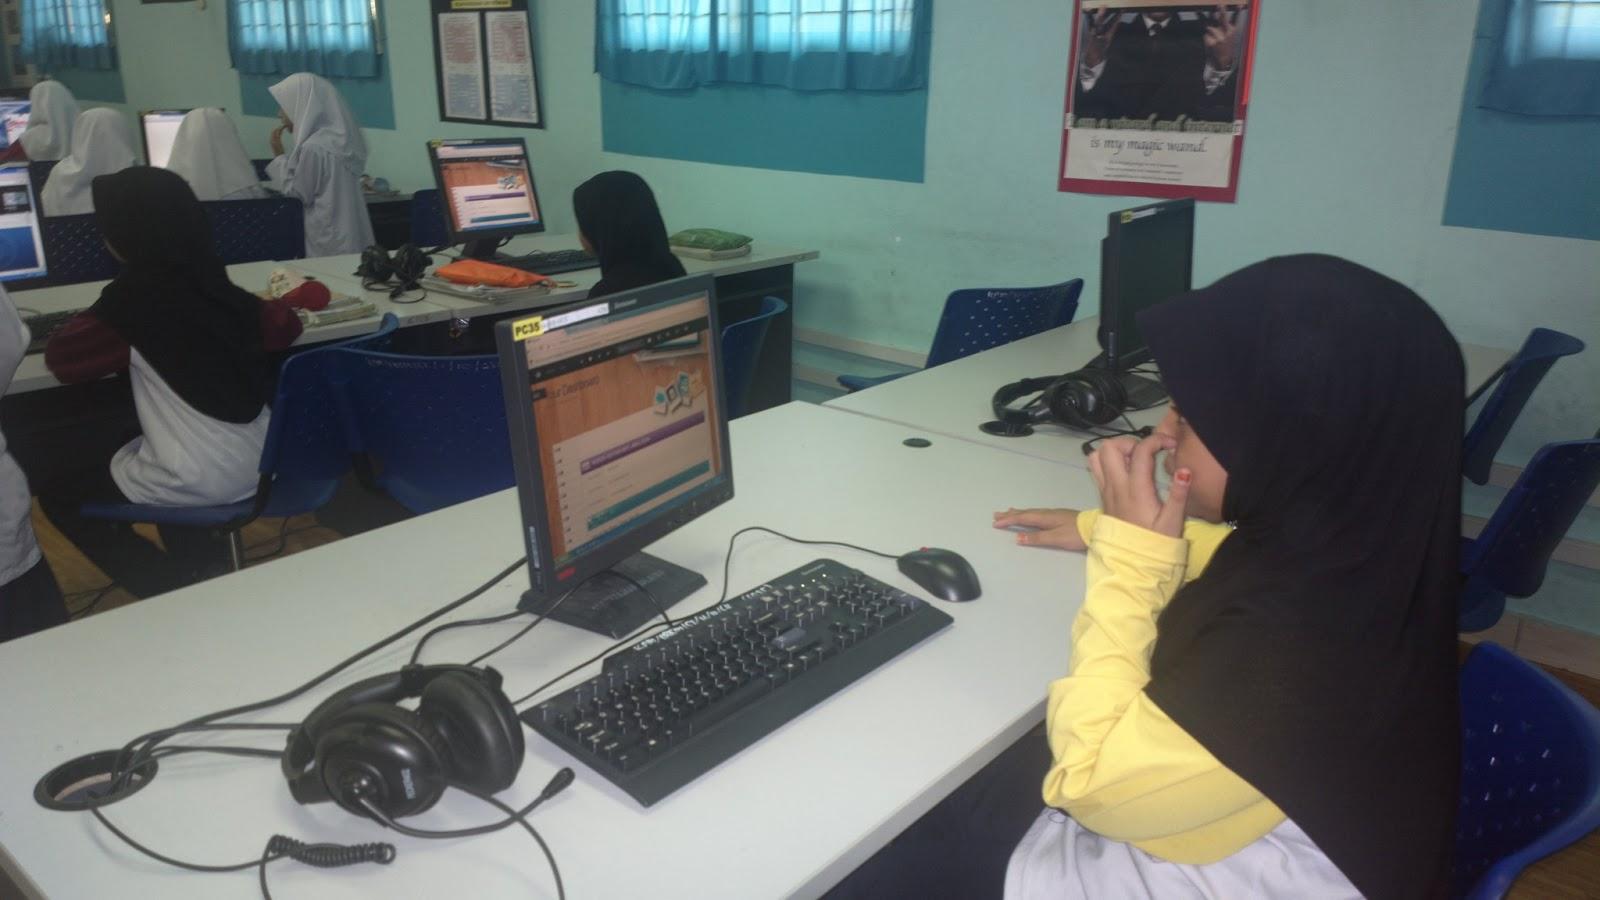 Makmal ICT, SKSM. 25 Jun 2013 - Vle Frog - Hand On 4 Topaz